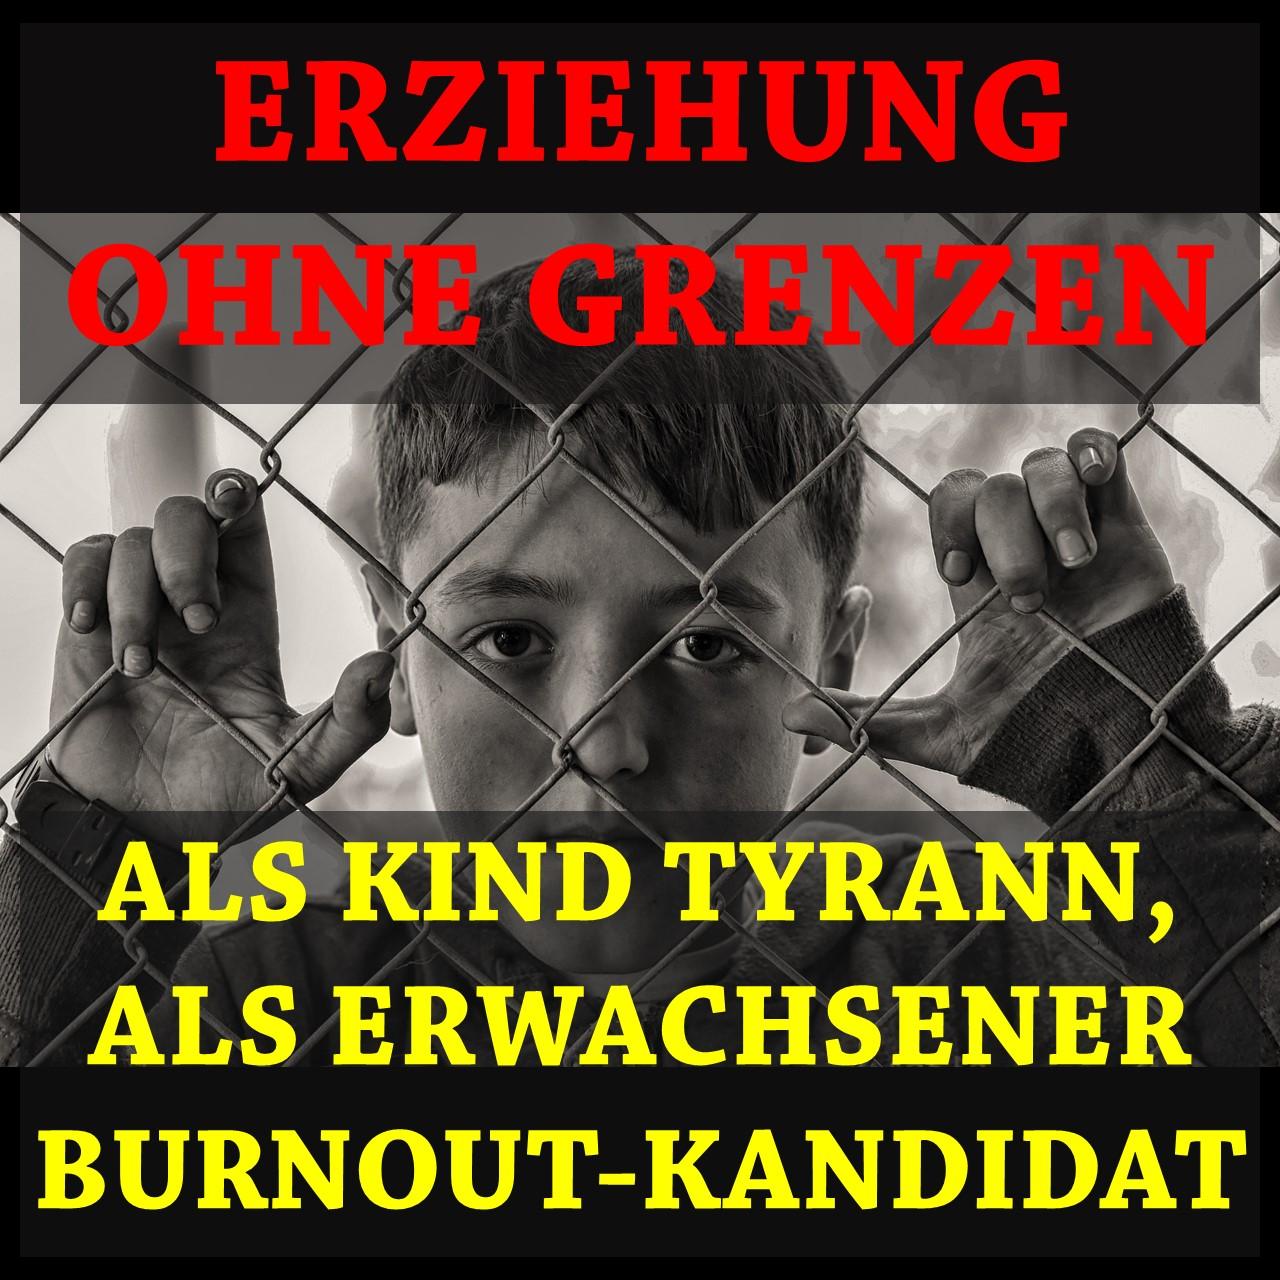 Erziehung ohne Grenzen: Als Kind Tyrann, als Erwachsener Burnout-Kandidat (Dantse Dantse)